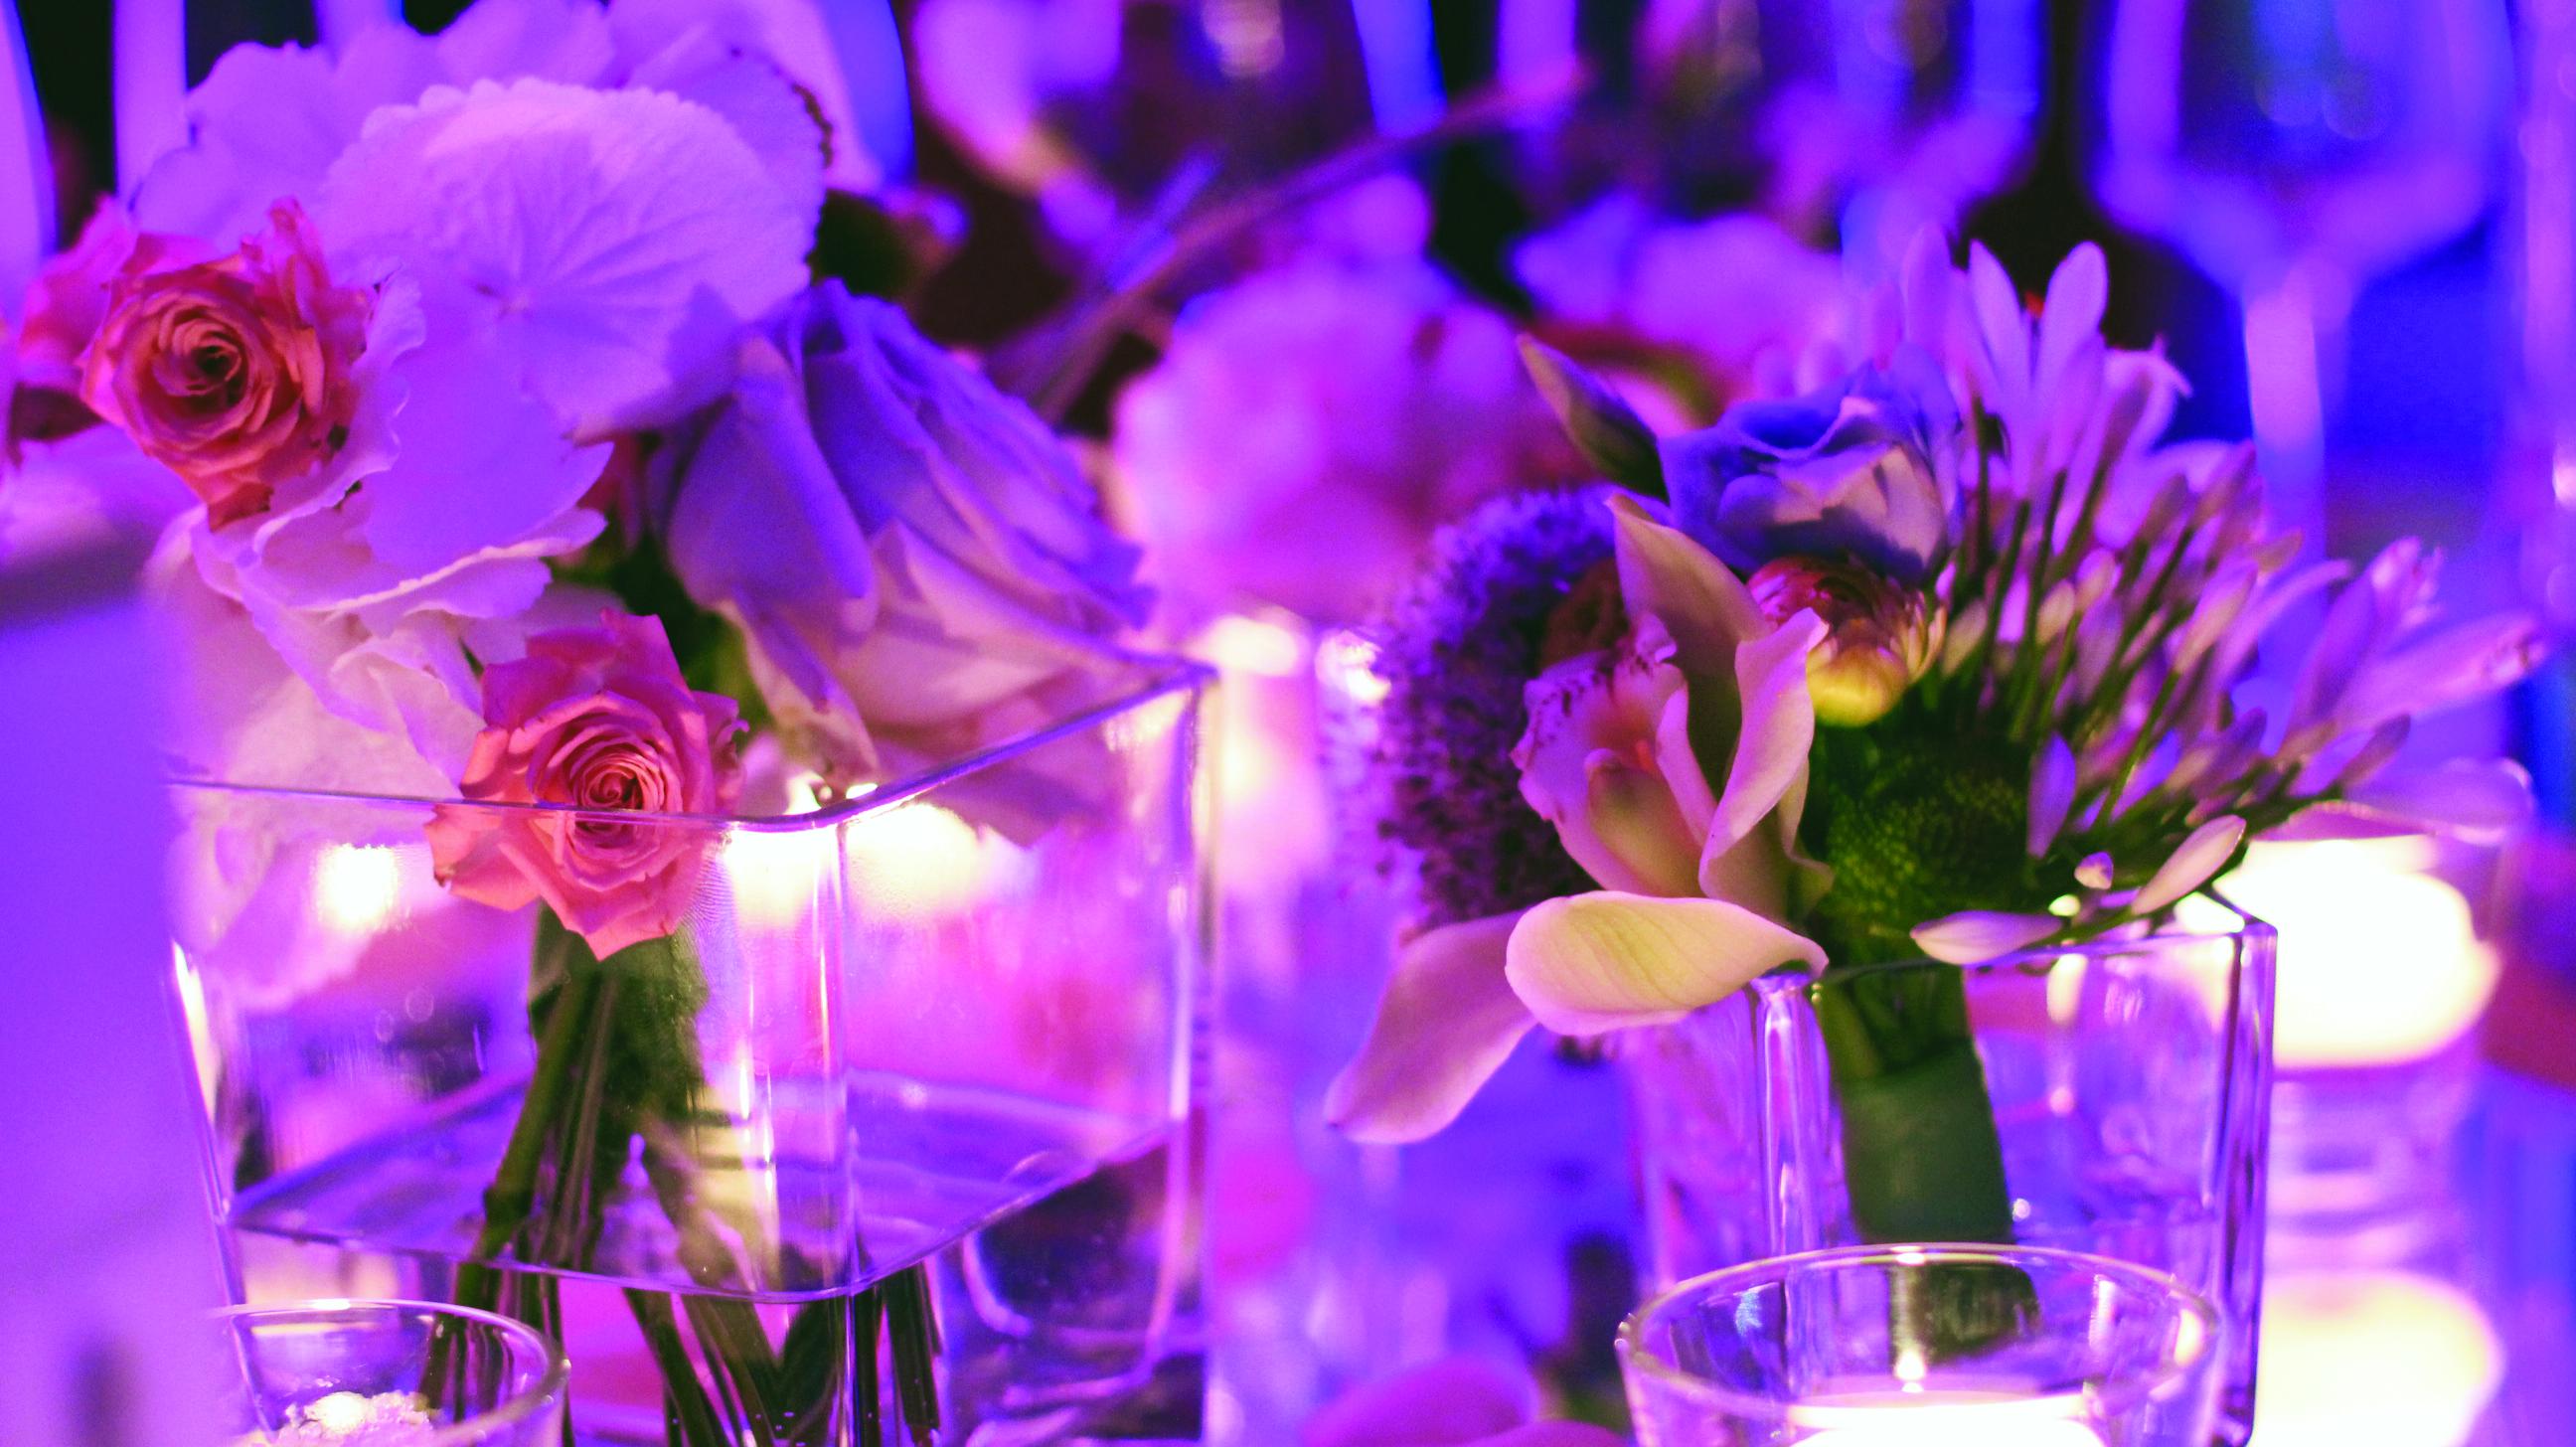 Bluemilia - luci e fiori